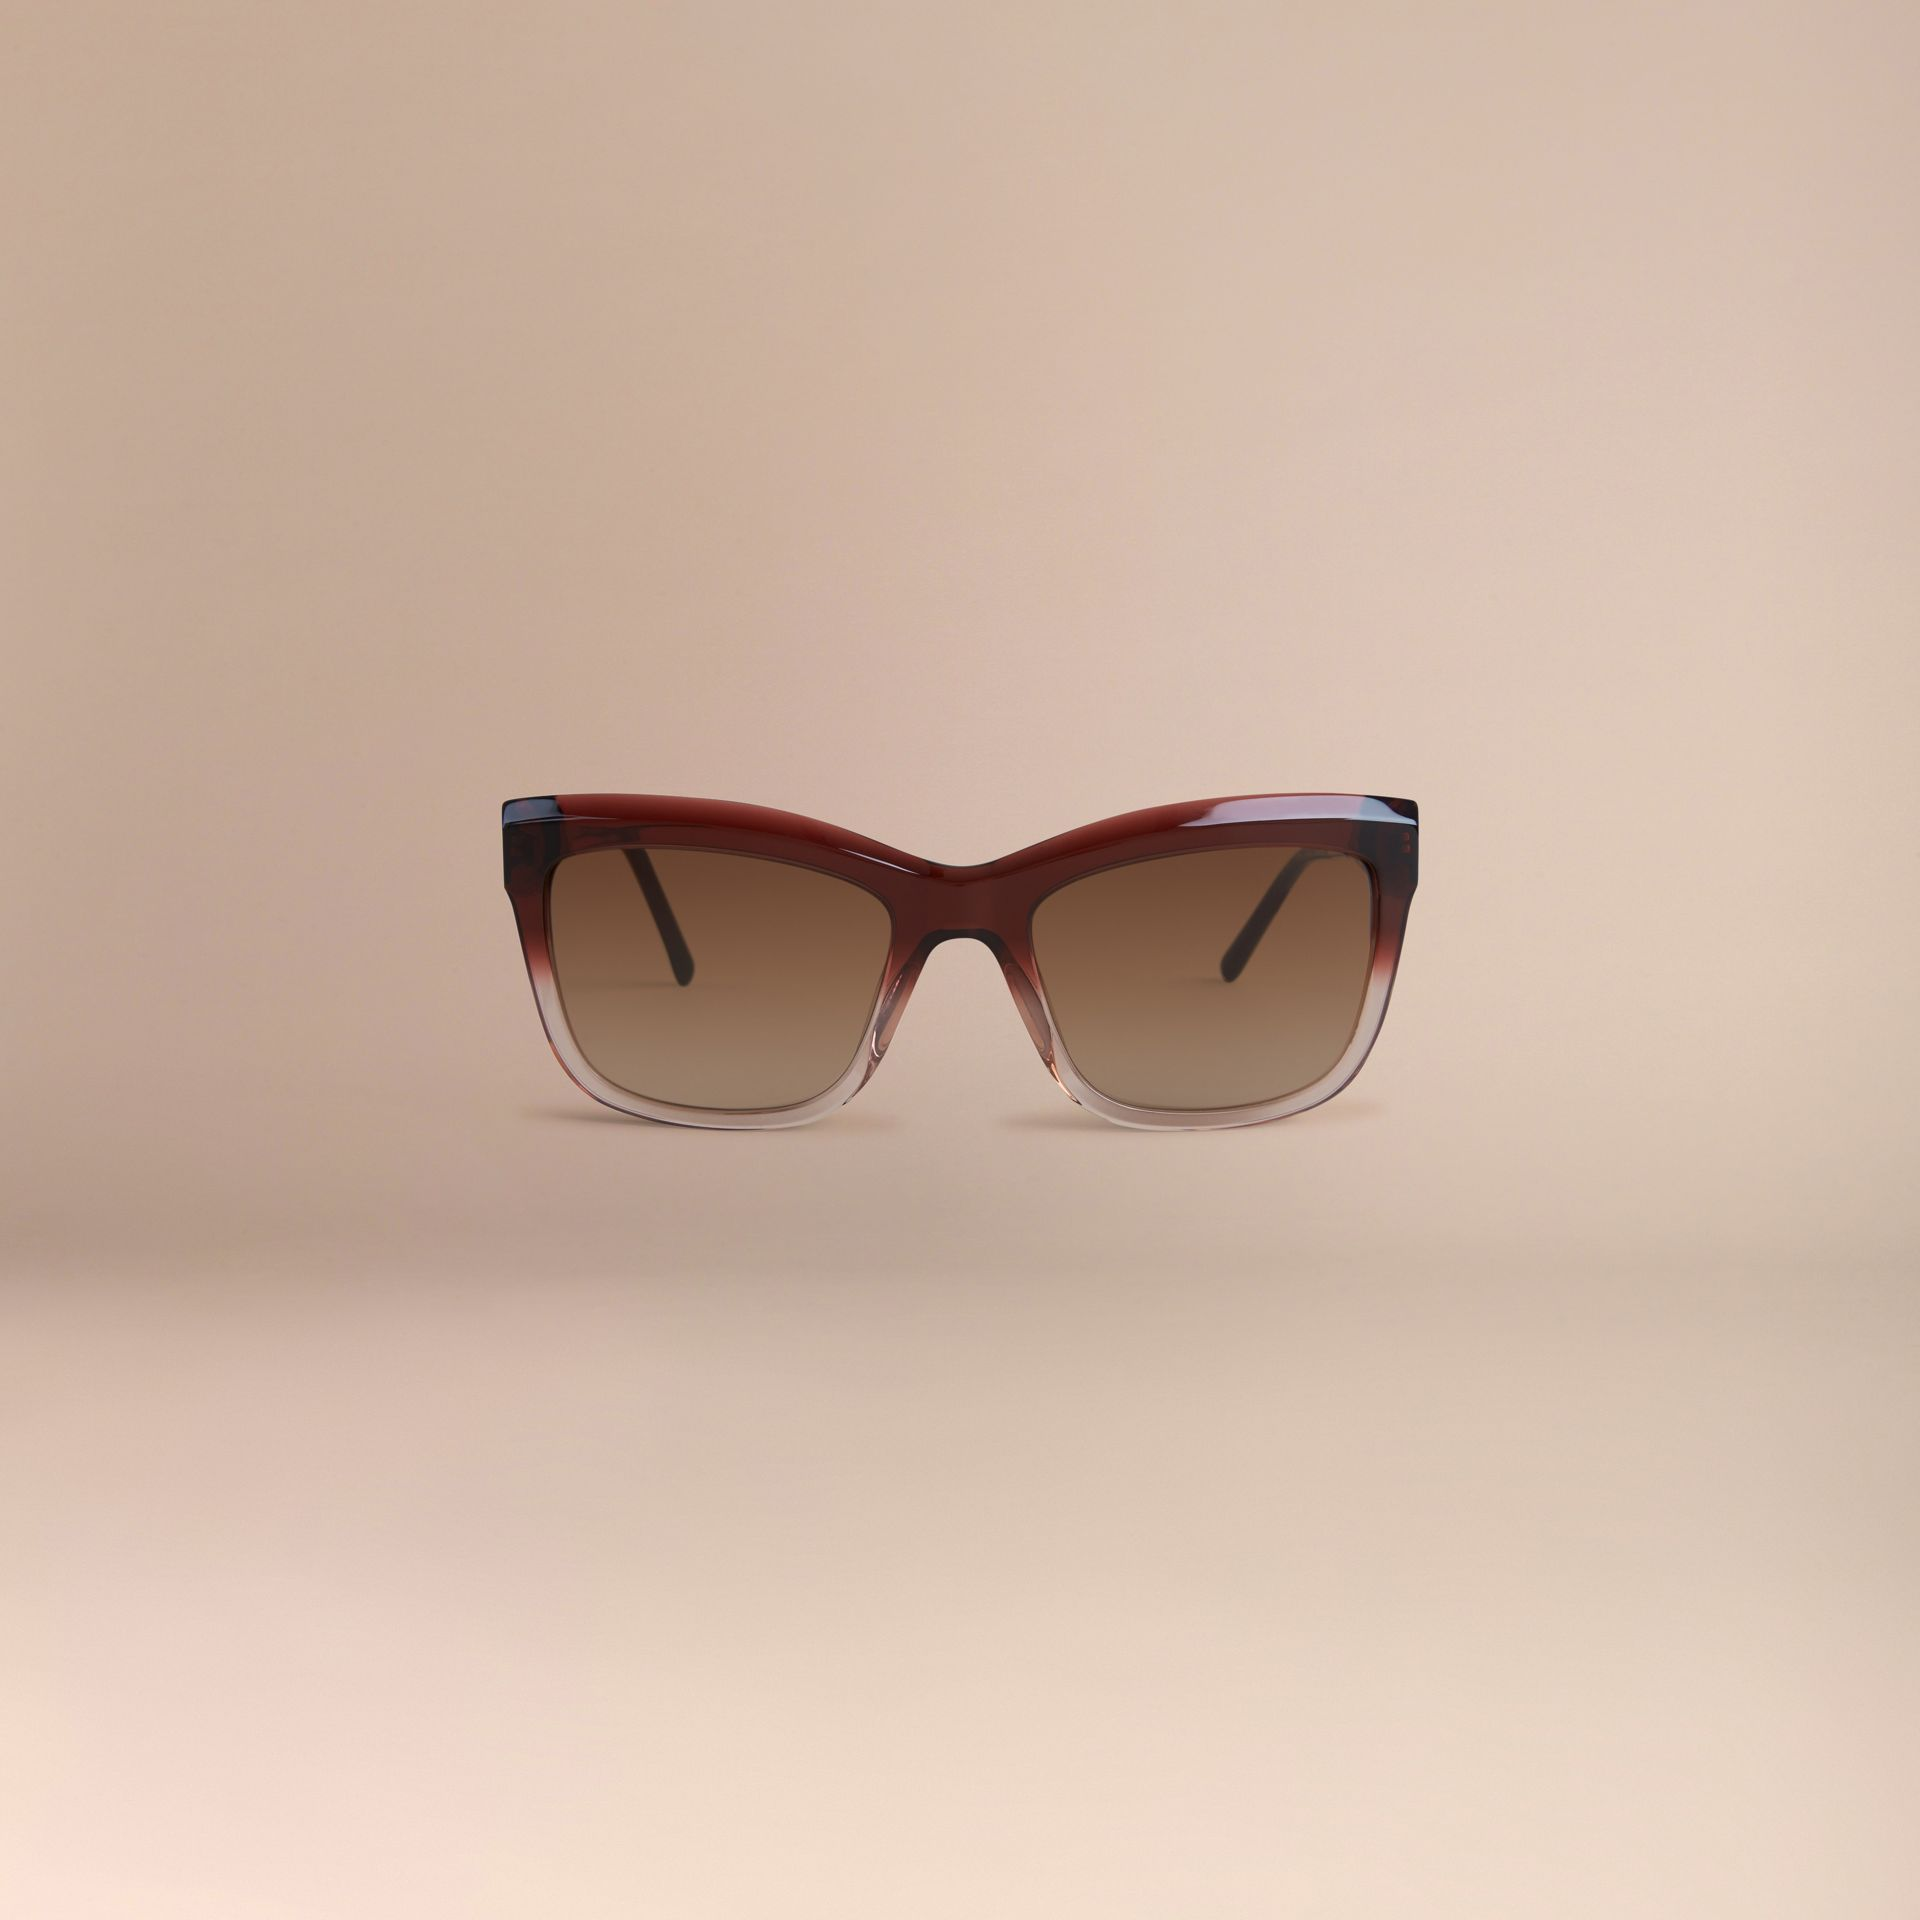 Rosso militare scuro Occhiali da sole con montatura quadrata collezione Pizzo di Gabardine Rosso Militare Scuro - immagine della galleria 3